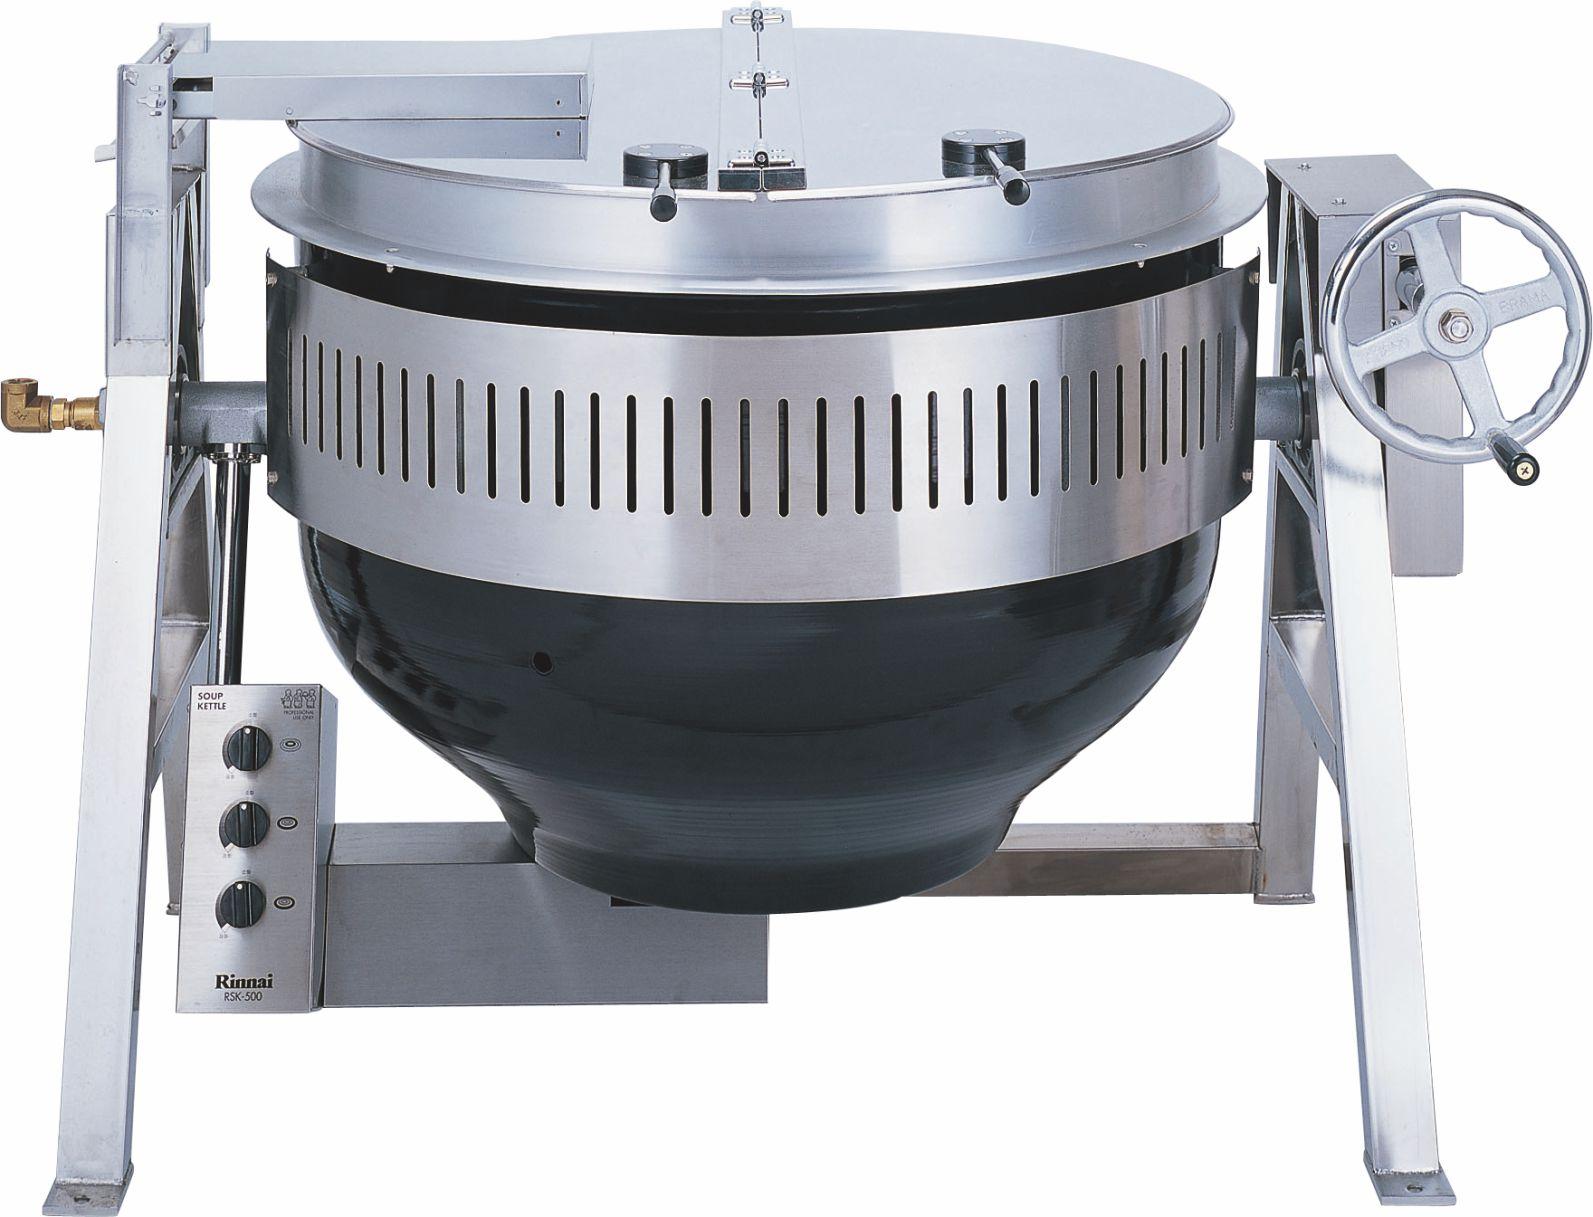 商用湯煲Rinnai RSK-500-CH rsk-500-ch 全國均可發貨